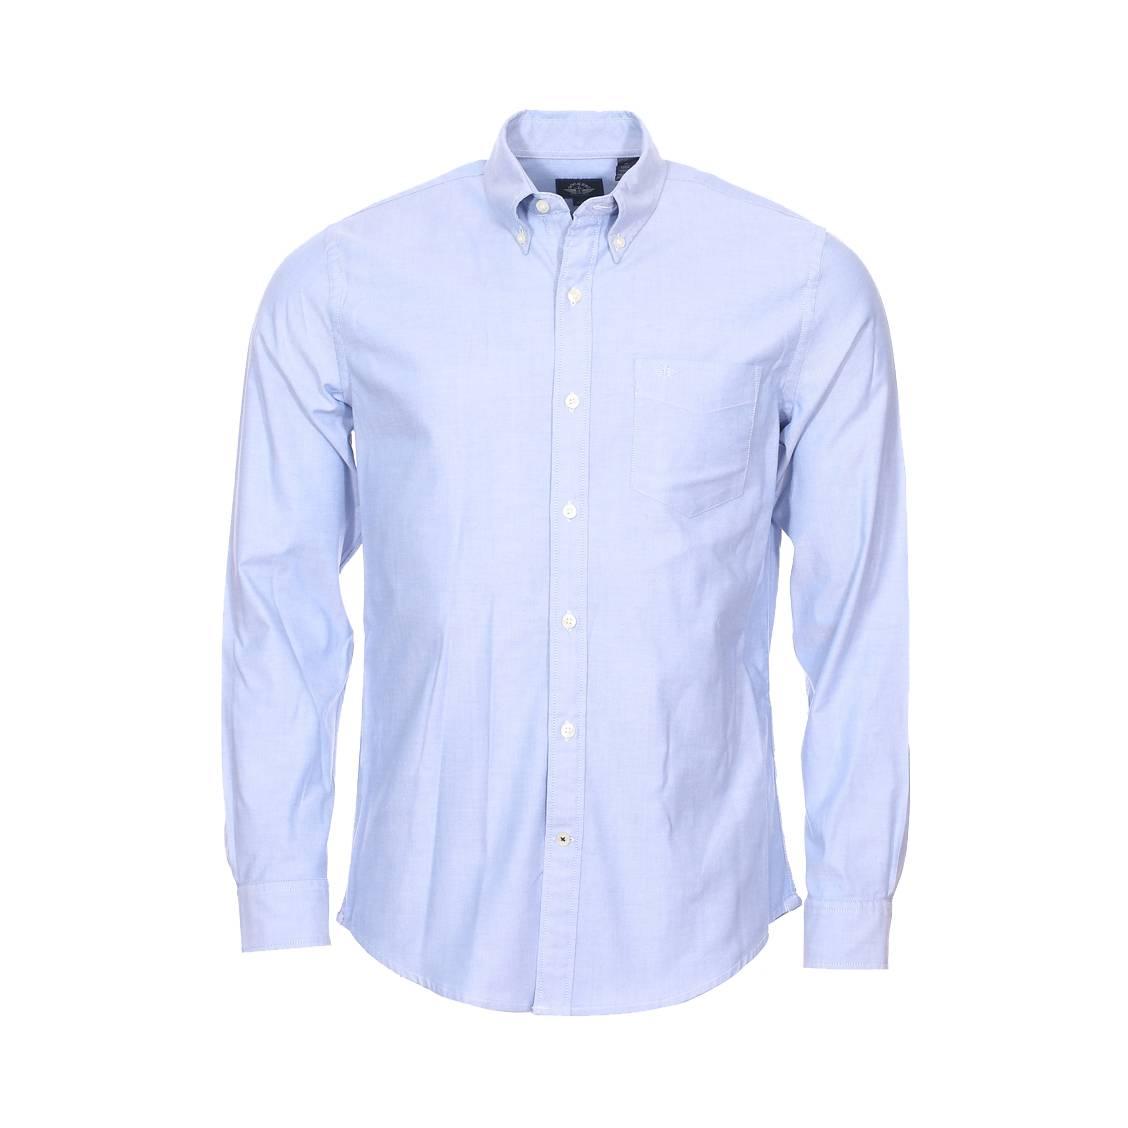 Chemise cintrée  oxford en coton stretch bleu clair